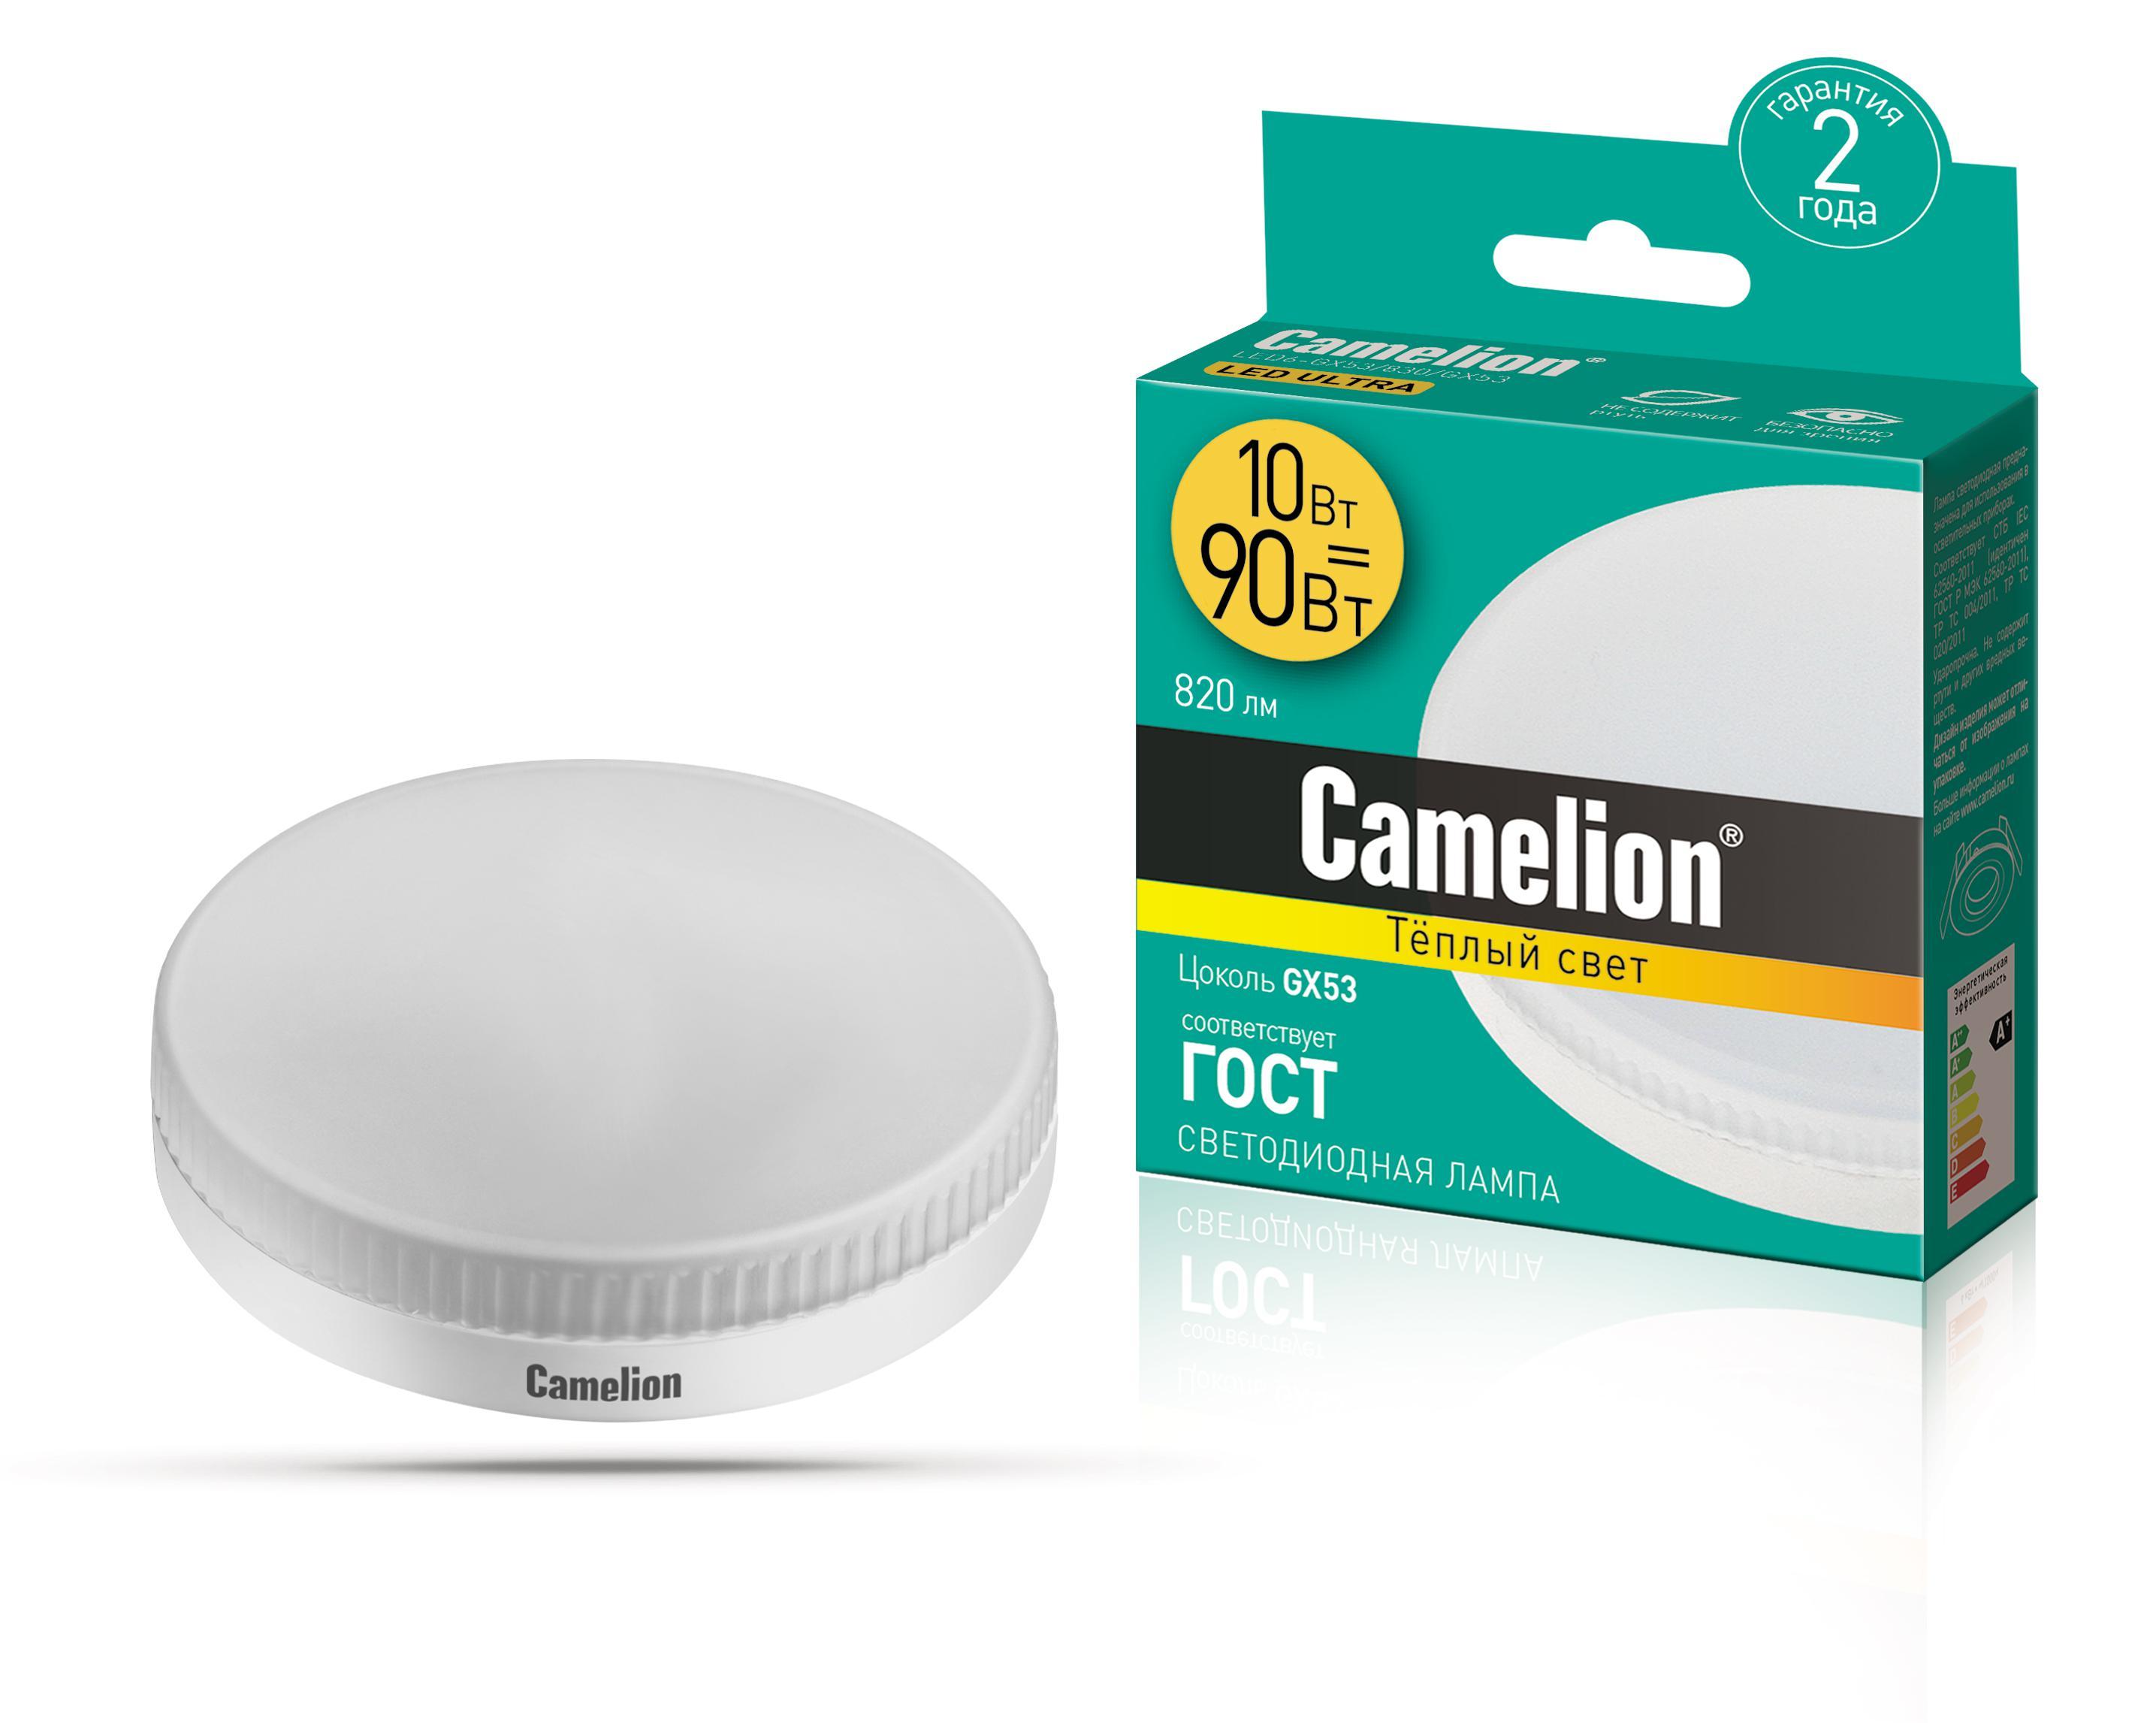 Лампа светодиодная Camelion Led10-gx53/830/gx53 лампа светодиодная camelion led5 gx53 830 gx53 5вт 220в gx53